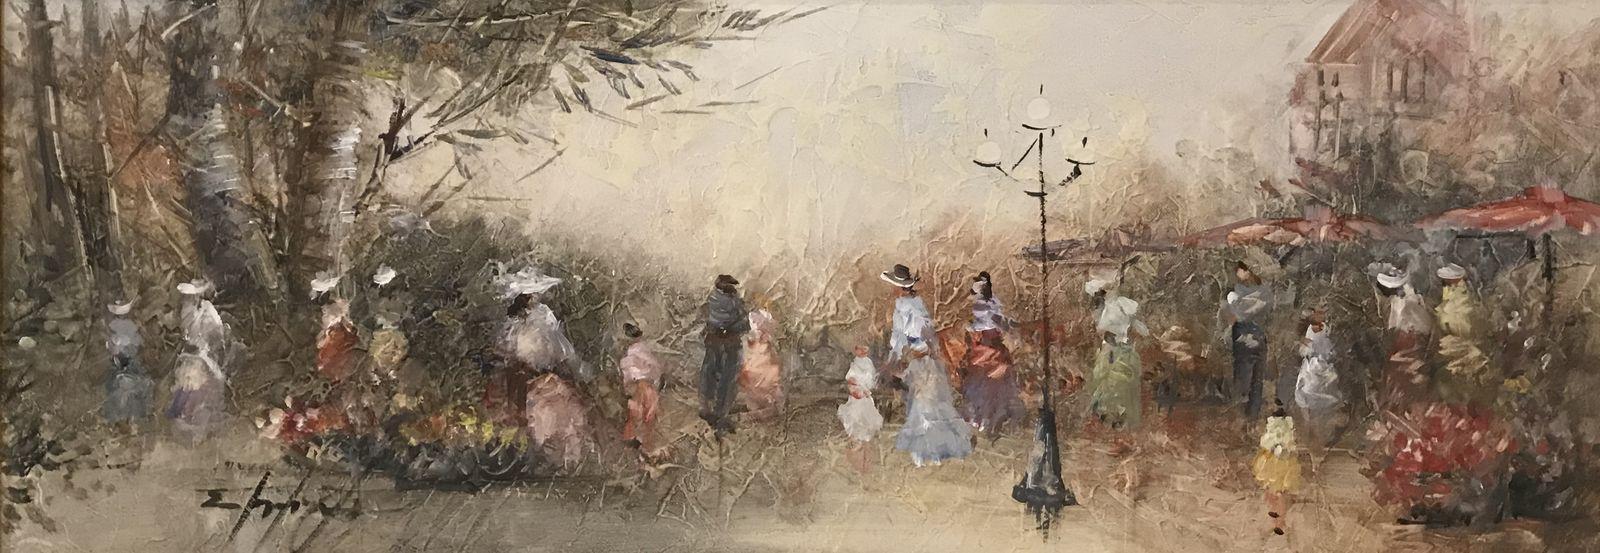 Σταματίνα Μαρνέζου 30×80 Ακρυλικά σε καμβά Stamatina Marnezou 30×80 Acrylics on canvas